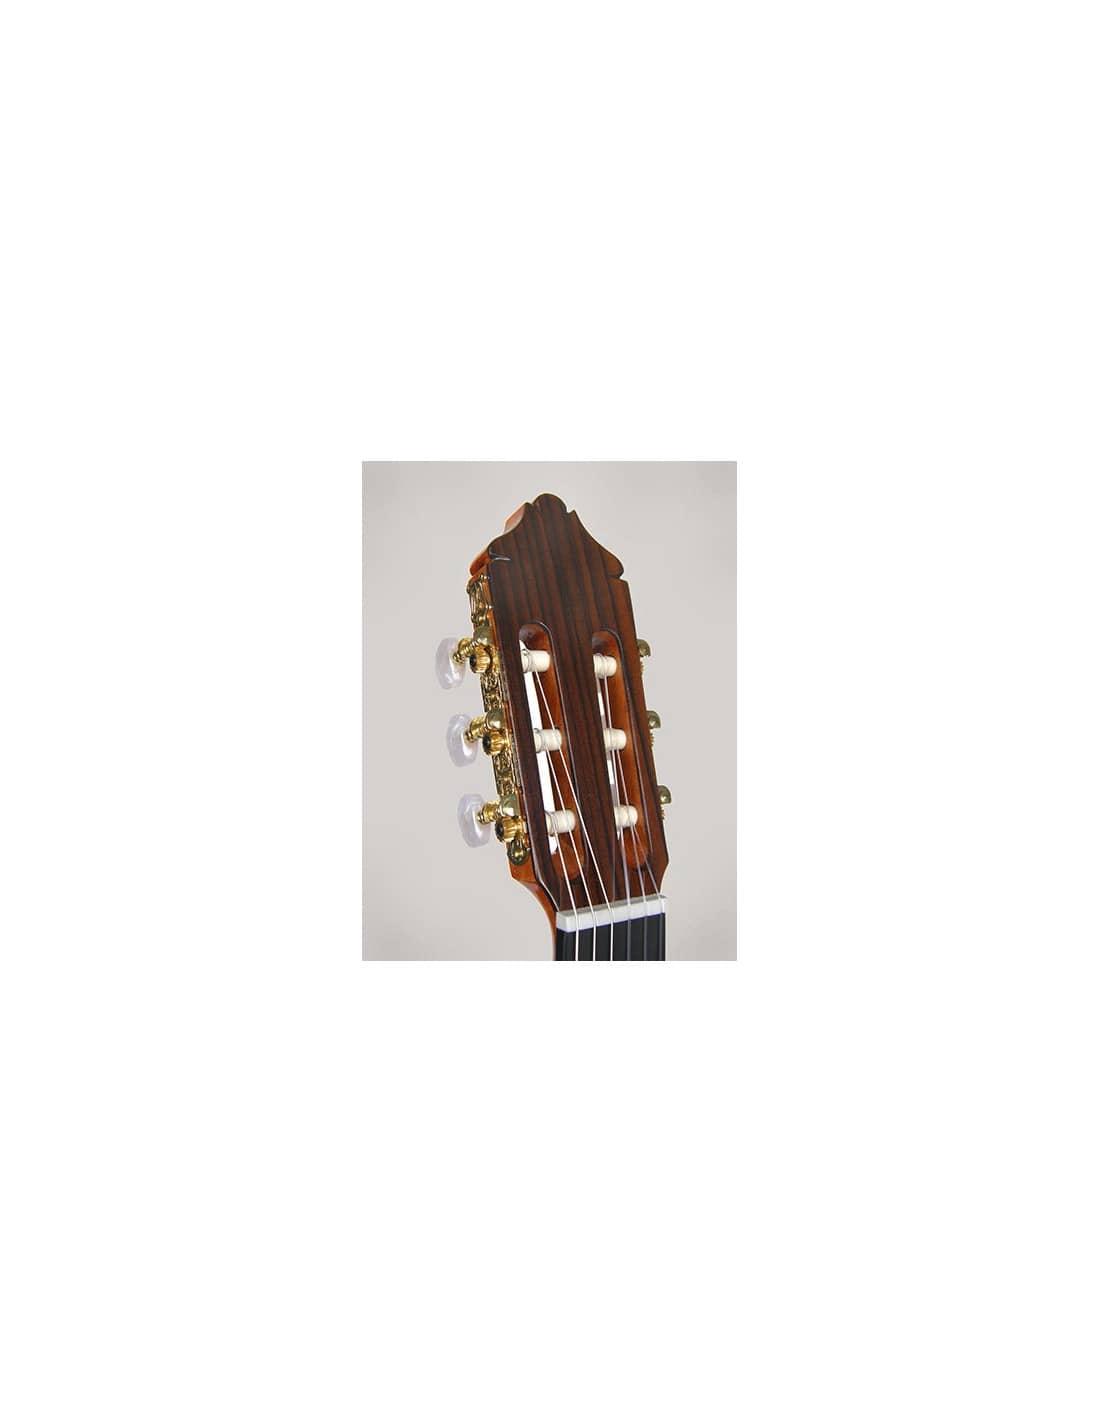 Guitarras azahar s&l fashions dress collection